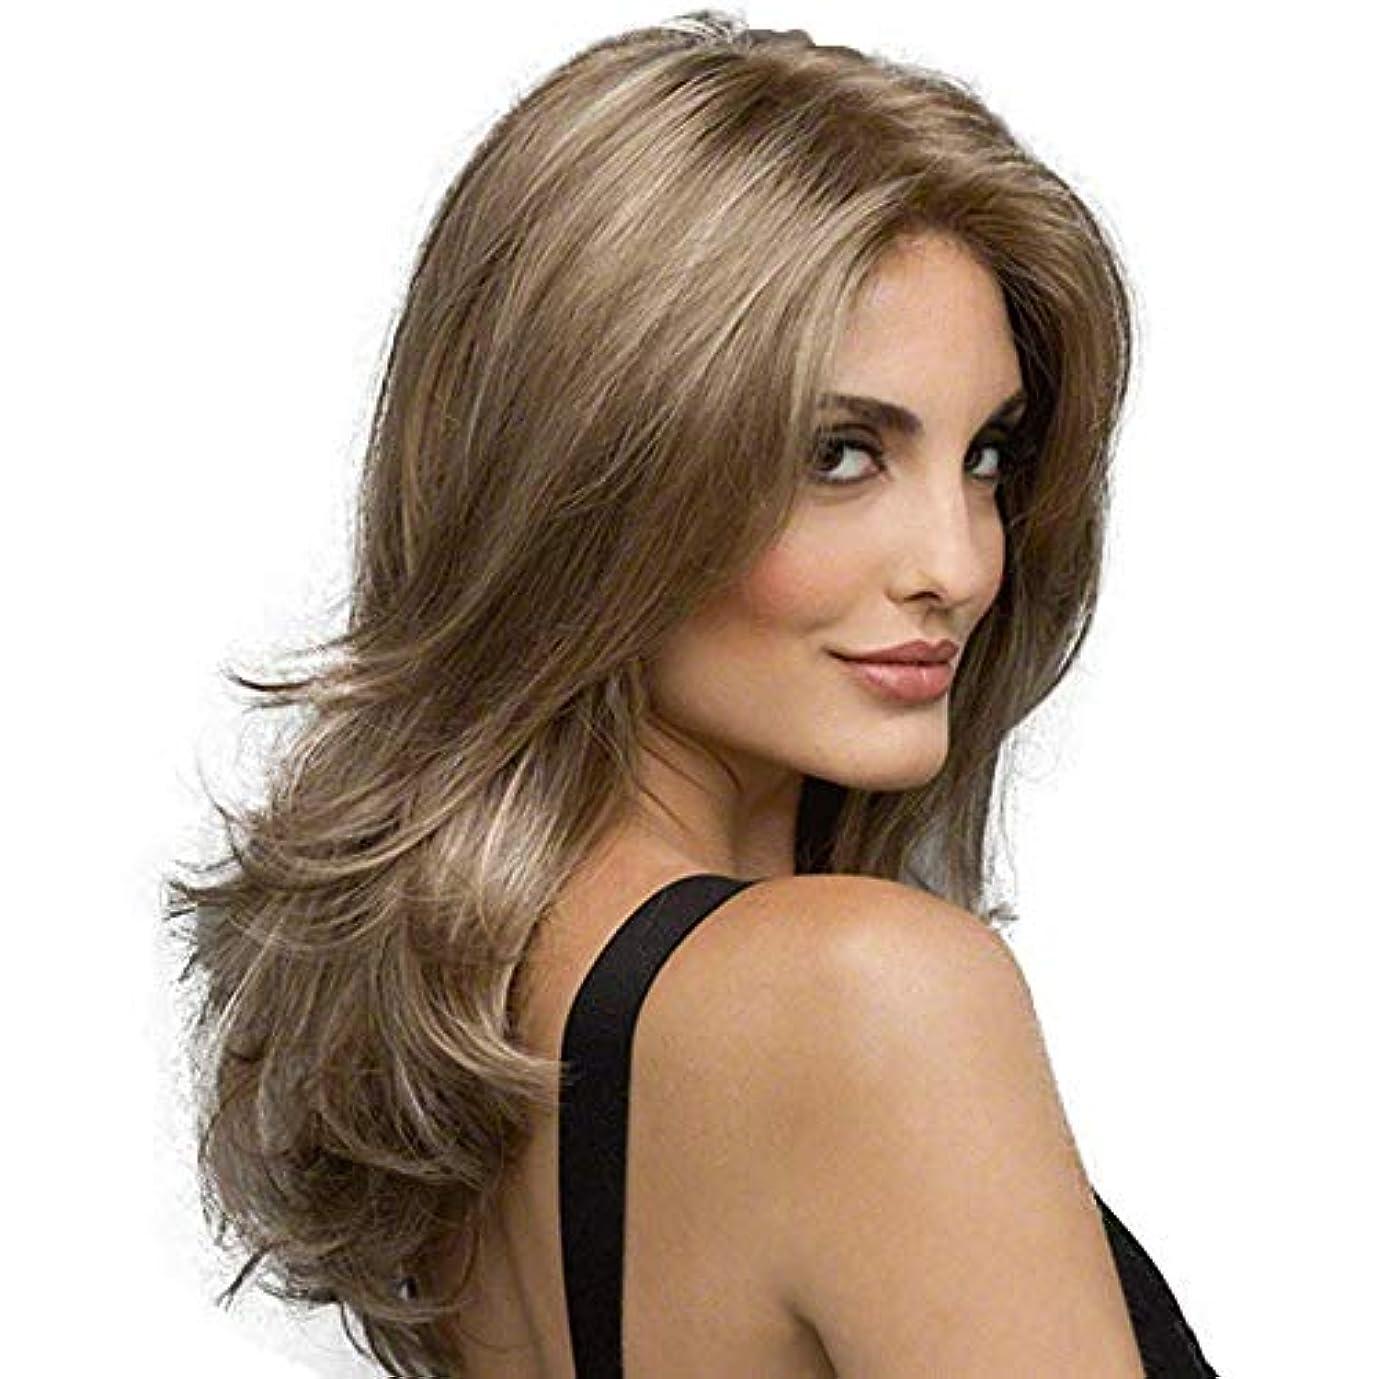 巻き戻す節約する貸す女性の長い巻き毛の波状の髪のかつら22インチ魅力的な自然な人間の髪のかつら熱にやさしい人工毛交換かつらハロウィンコスプレ衣装アニメパーティーかつら (Color : Linen brown)